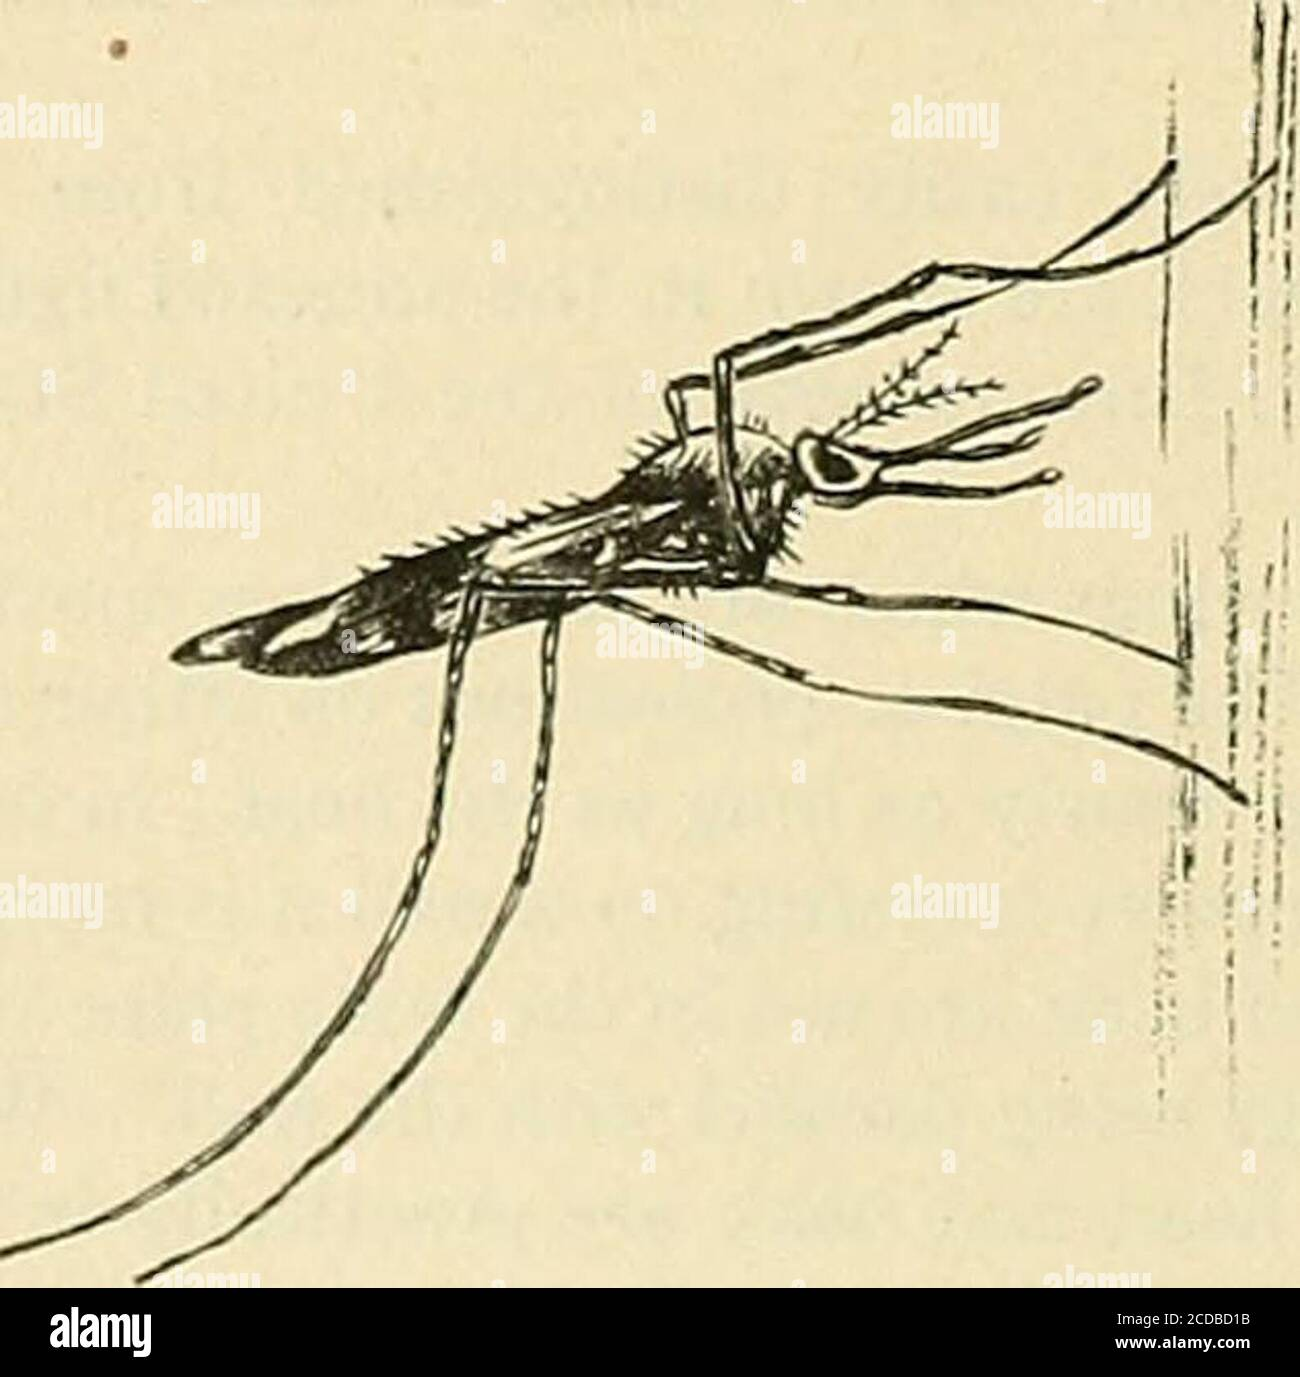 . La práctica de la medicina; un libro de texto para profesionales y estudiantes, con especial referencia al diagnóstico y tratamiento. Fig. 8.—Anopheles piinctipennis—hembra,con antena masculina a la izquierda, y venación de ala-topaling a la izquierda, agrandada. Fig. 9.—Culex taniorhynchus—hembra,mostrando el palpi corto que distingue a los anofeles; tarsalclaw frontal dentado a la derecha, agrandado. Fig. 10.—posición de reposo de los anofeles, agrandada. Foto de stock